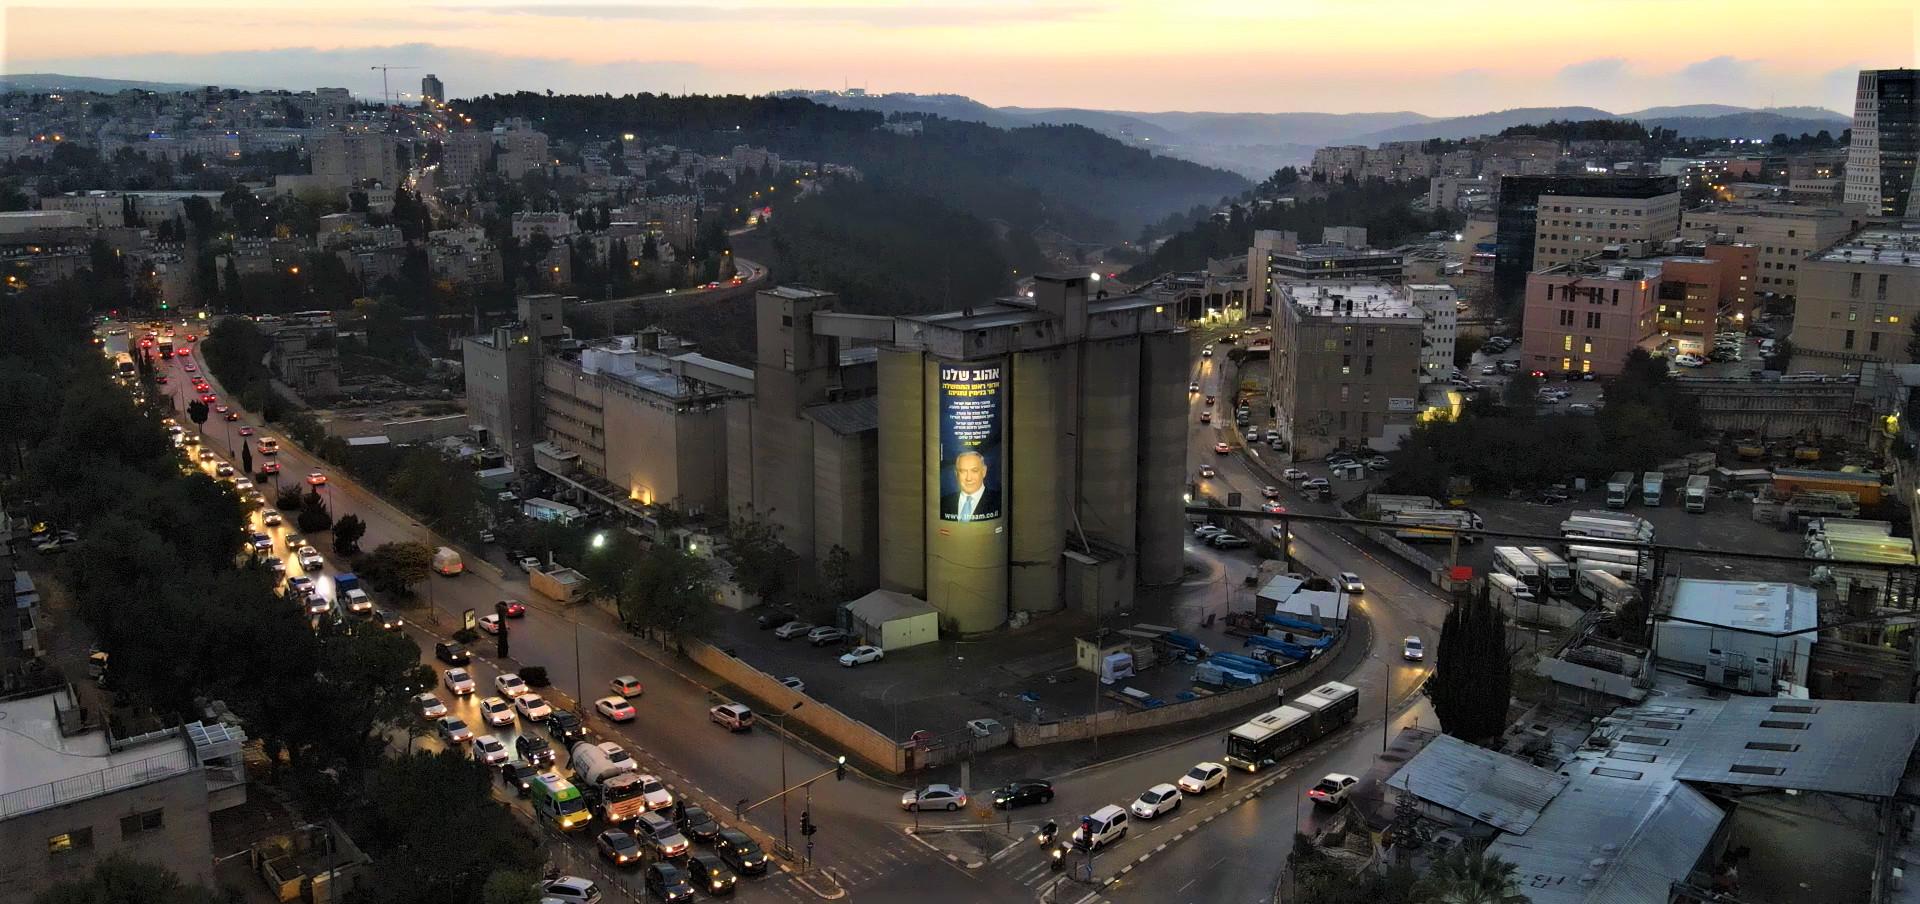 אהוב שלנו - בית הדפוס ירושלים